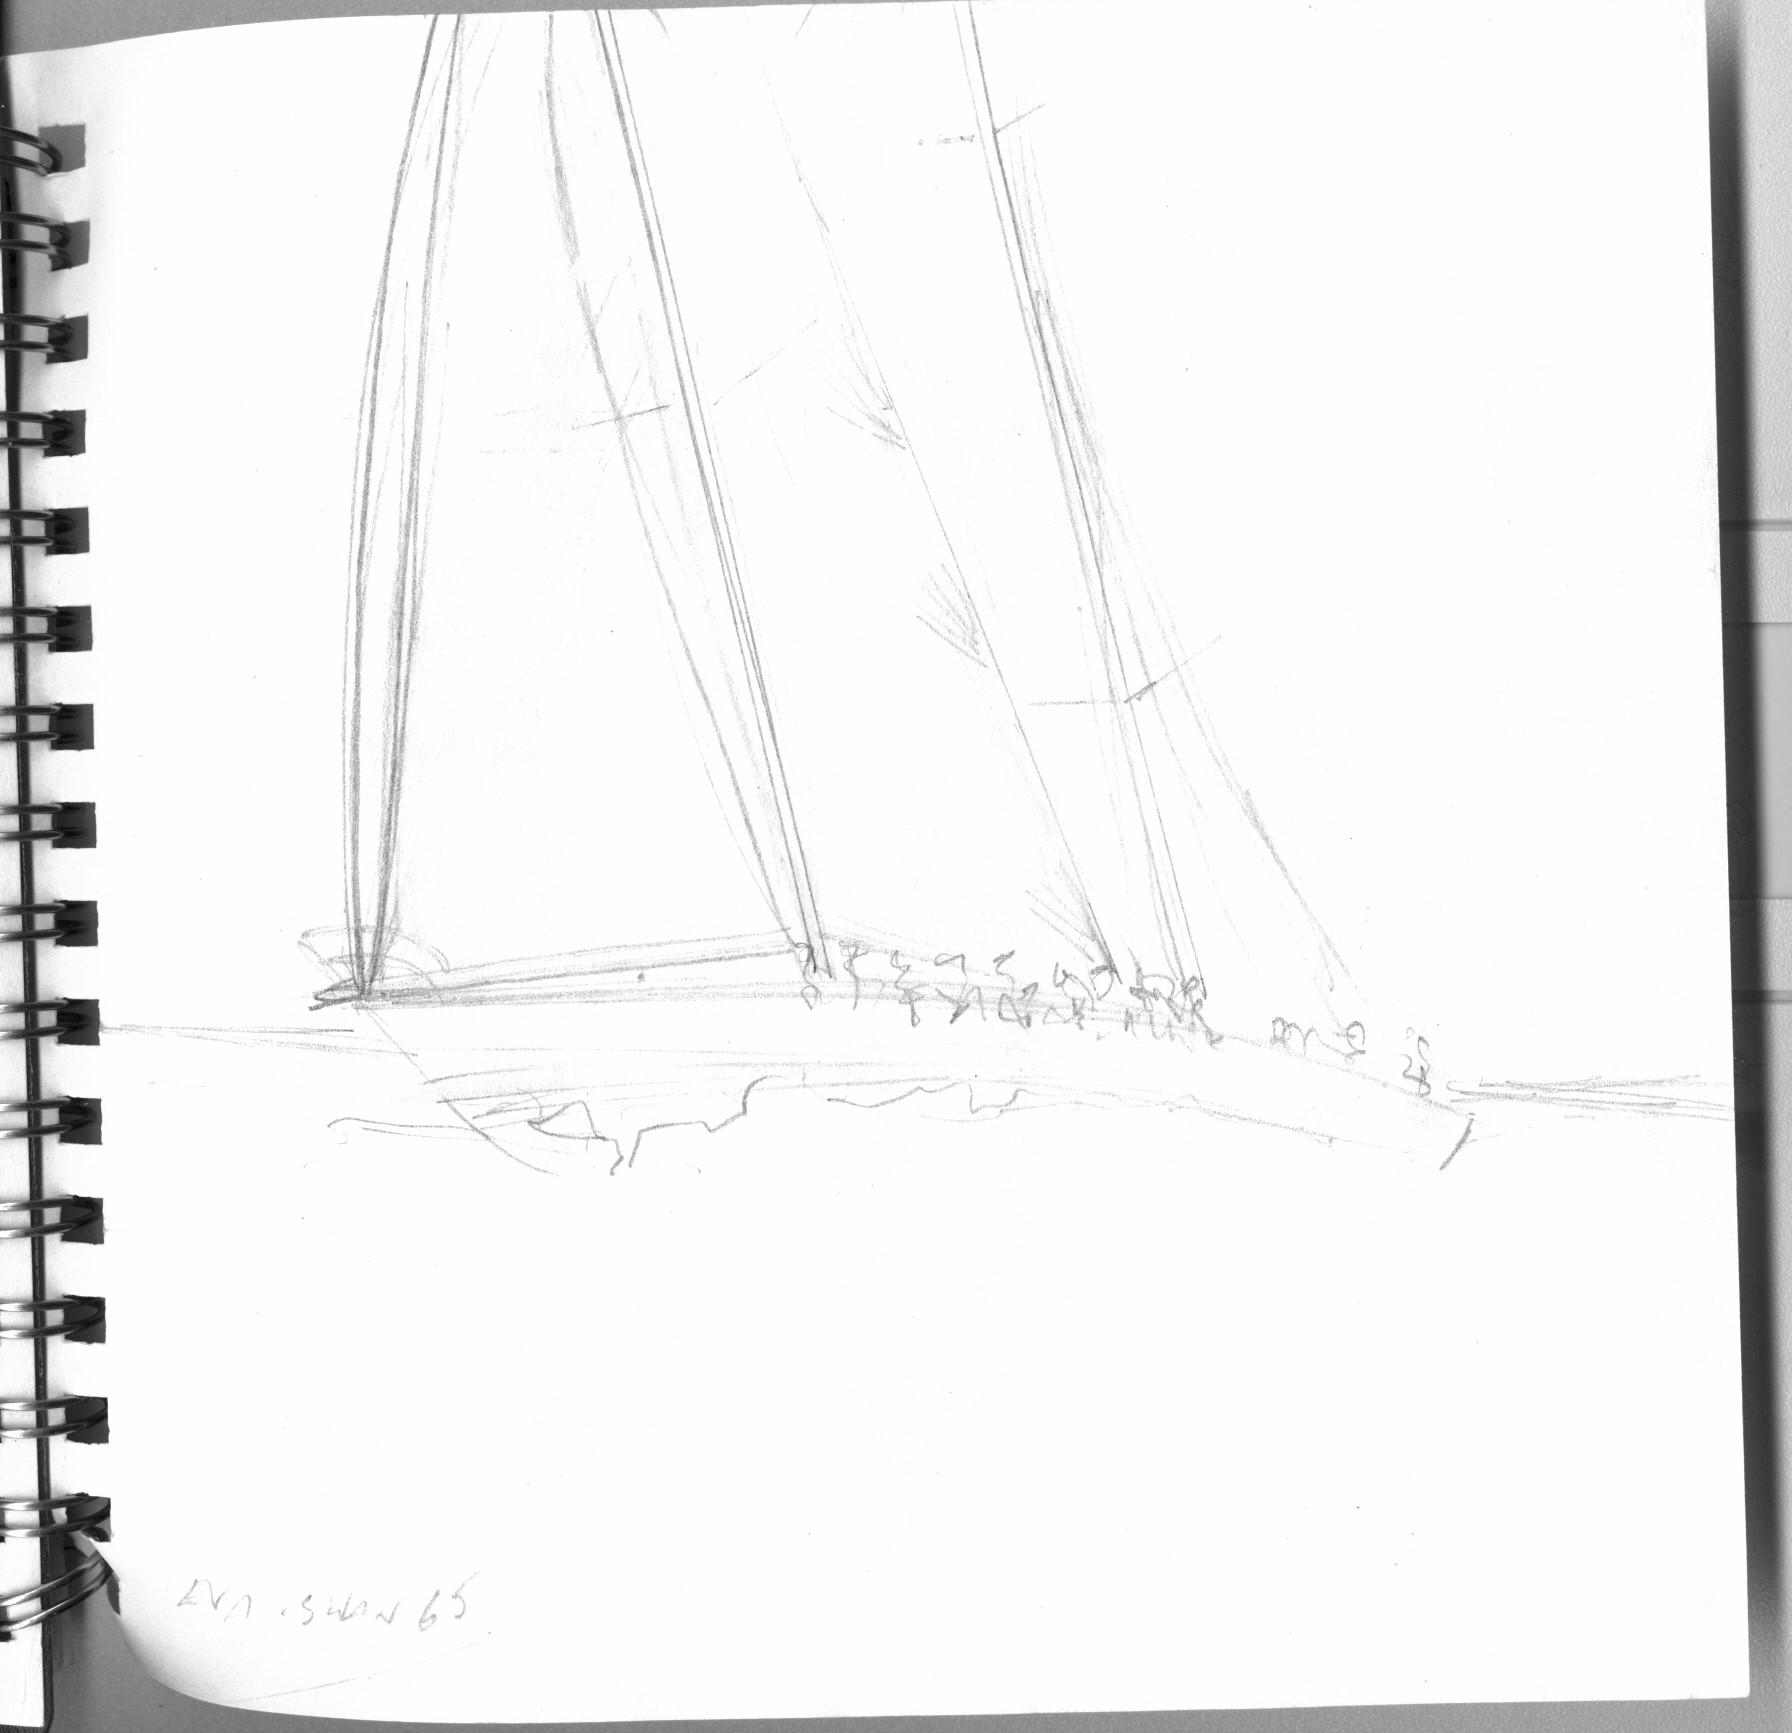 Sailing drawing 9.jpg